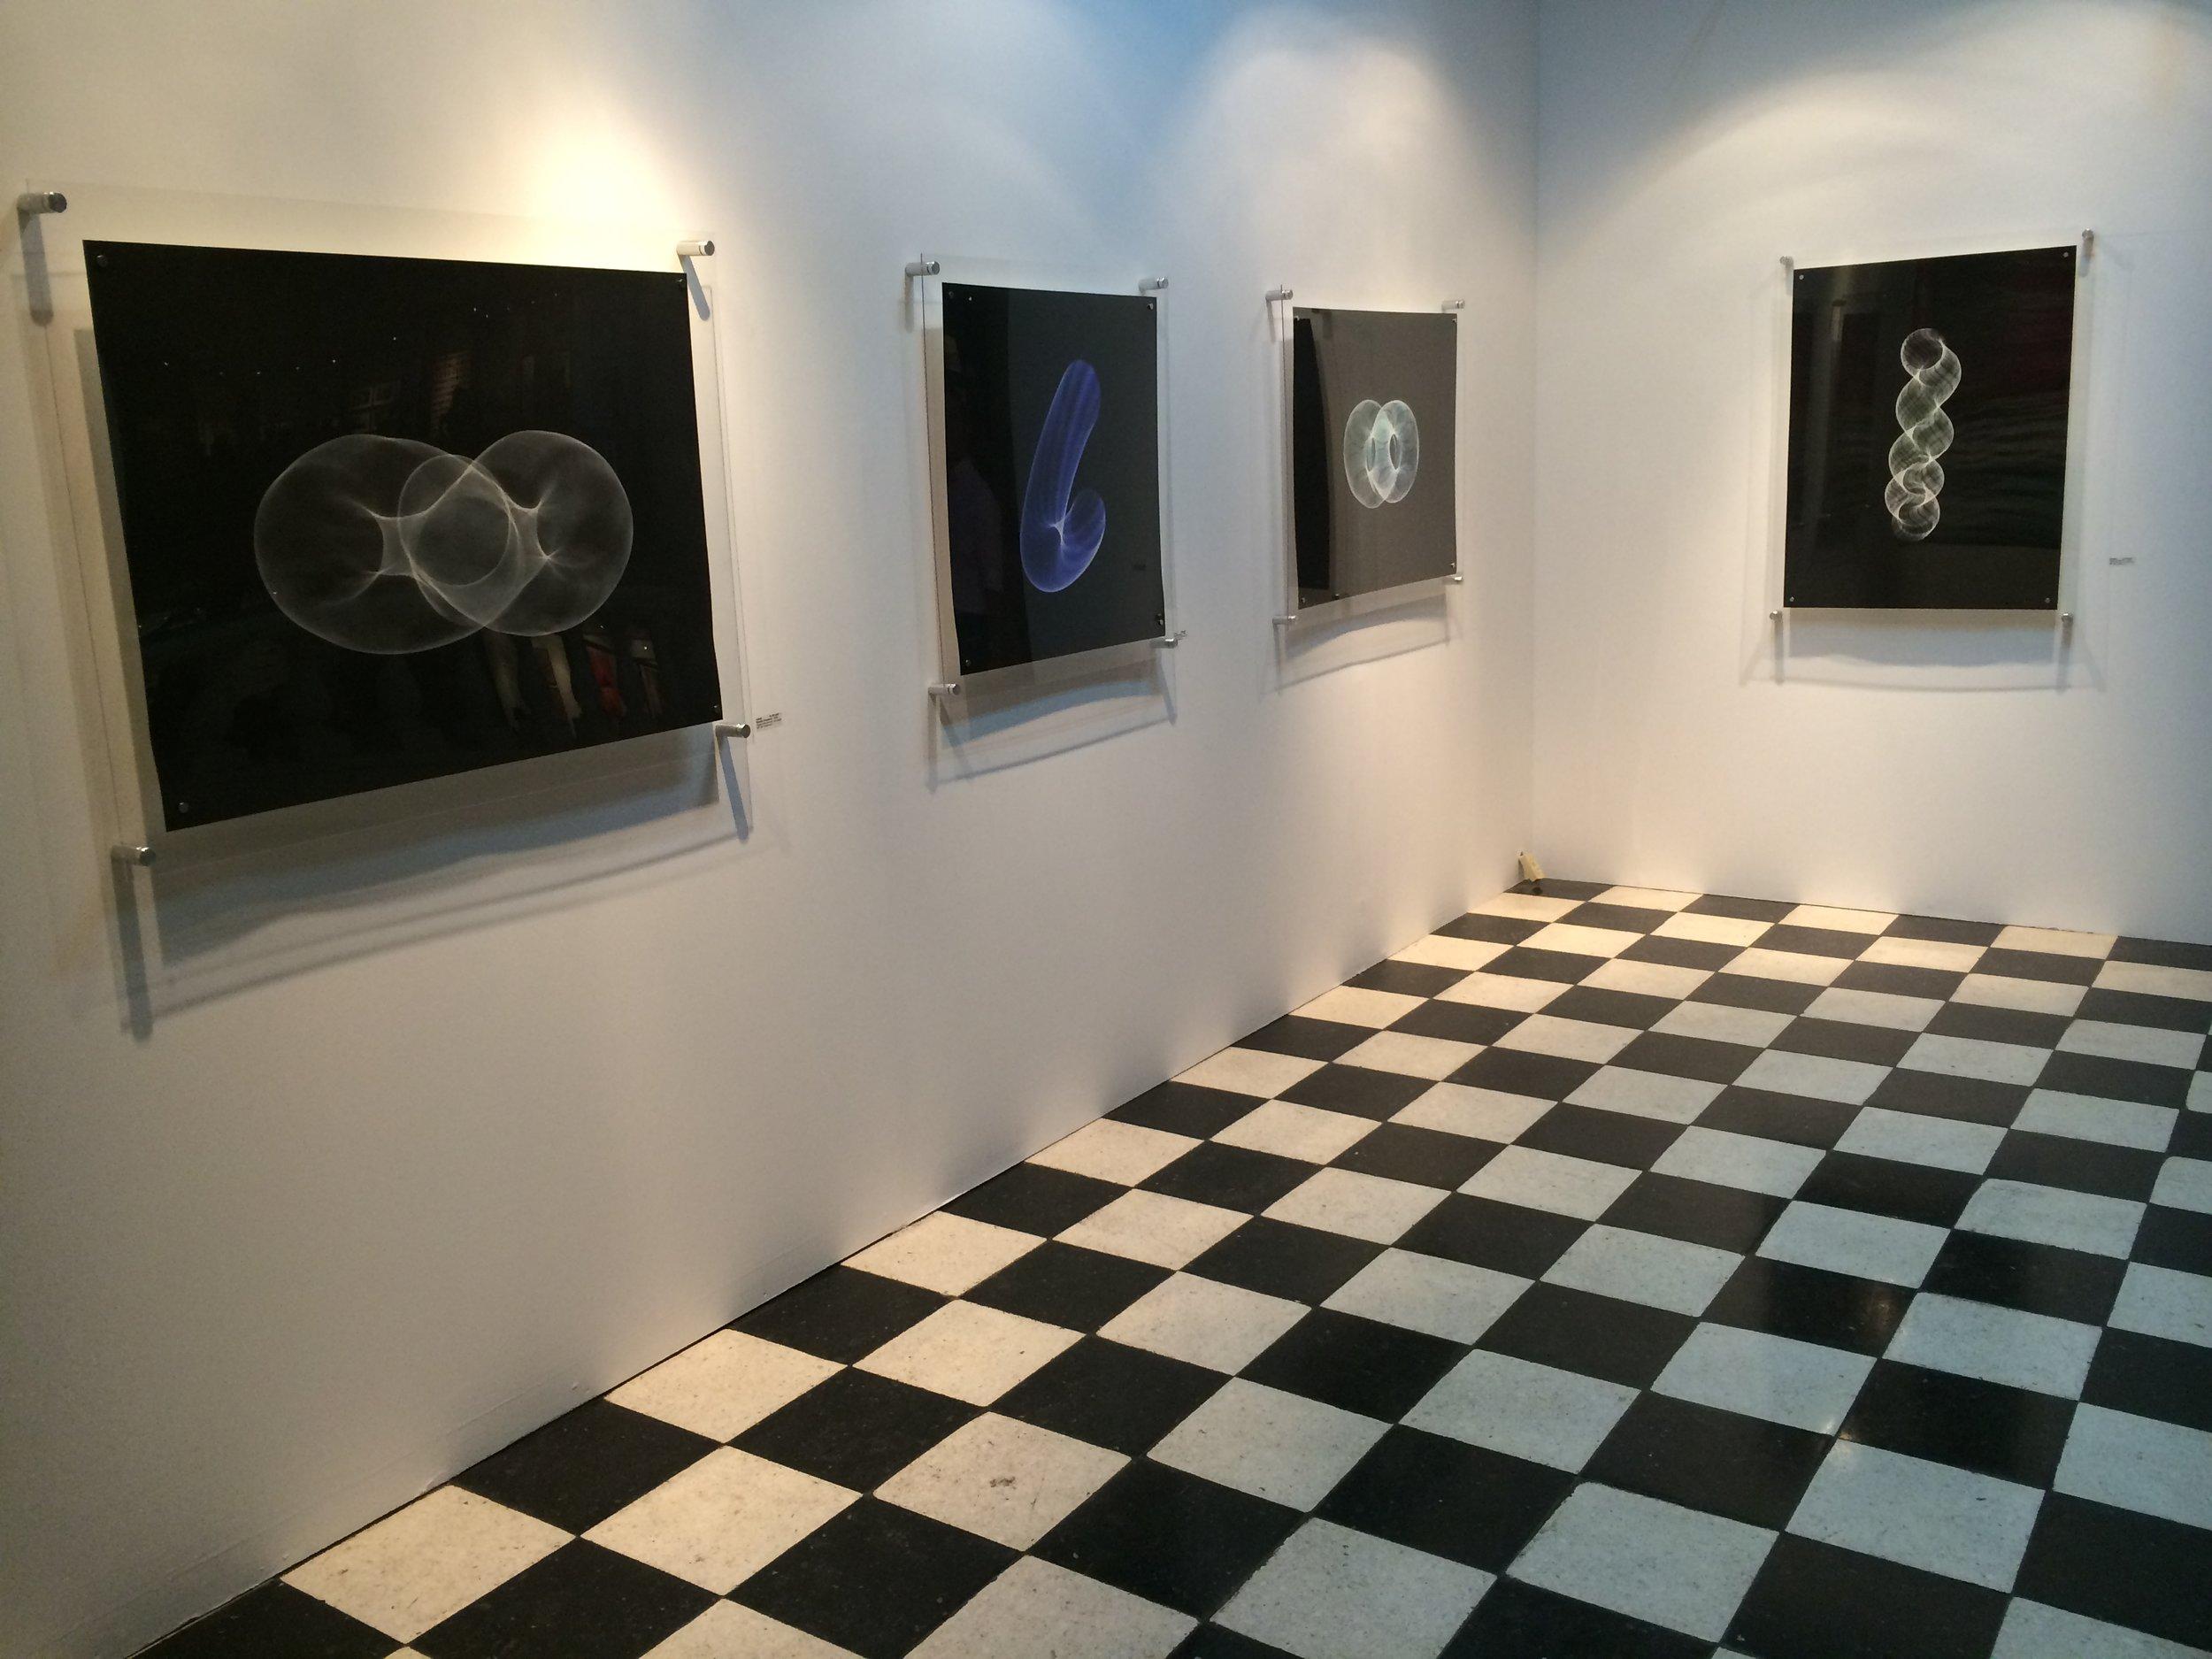 Interventions of Light, Art Lima, Lima Peru. 2014